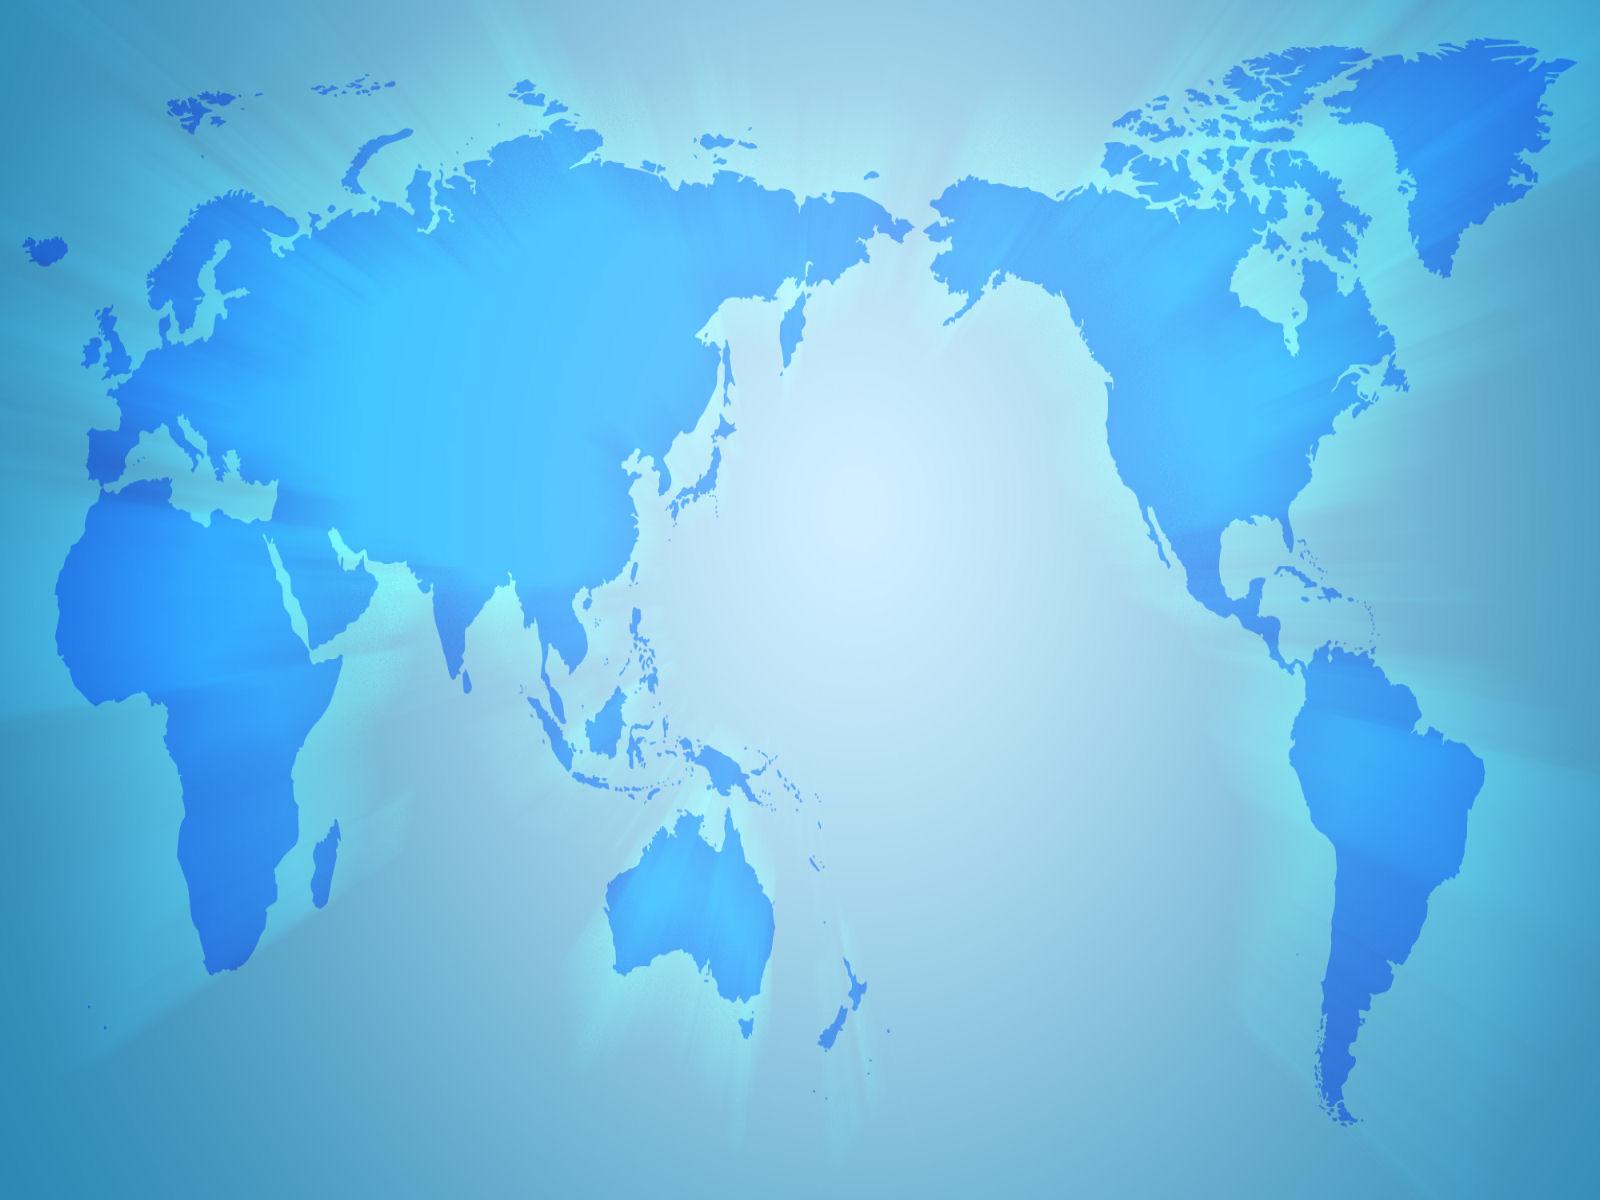 world map wallpaper blue 3d world map w 1600x1200